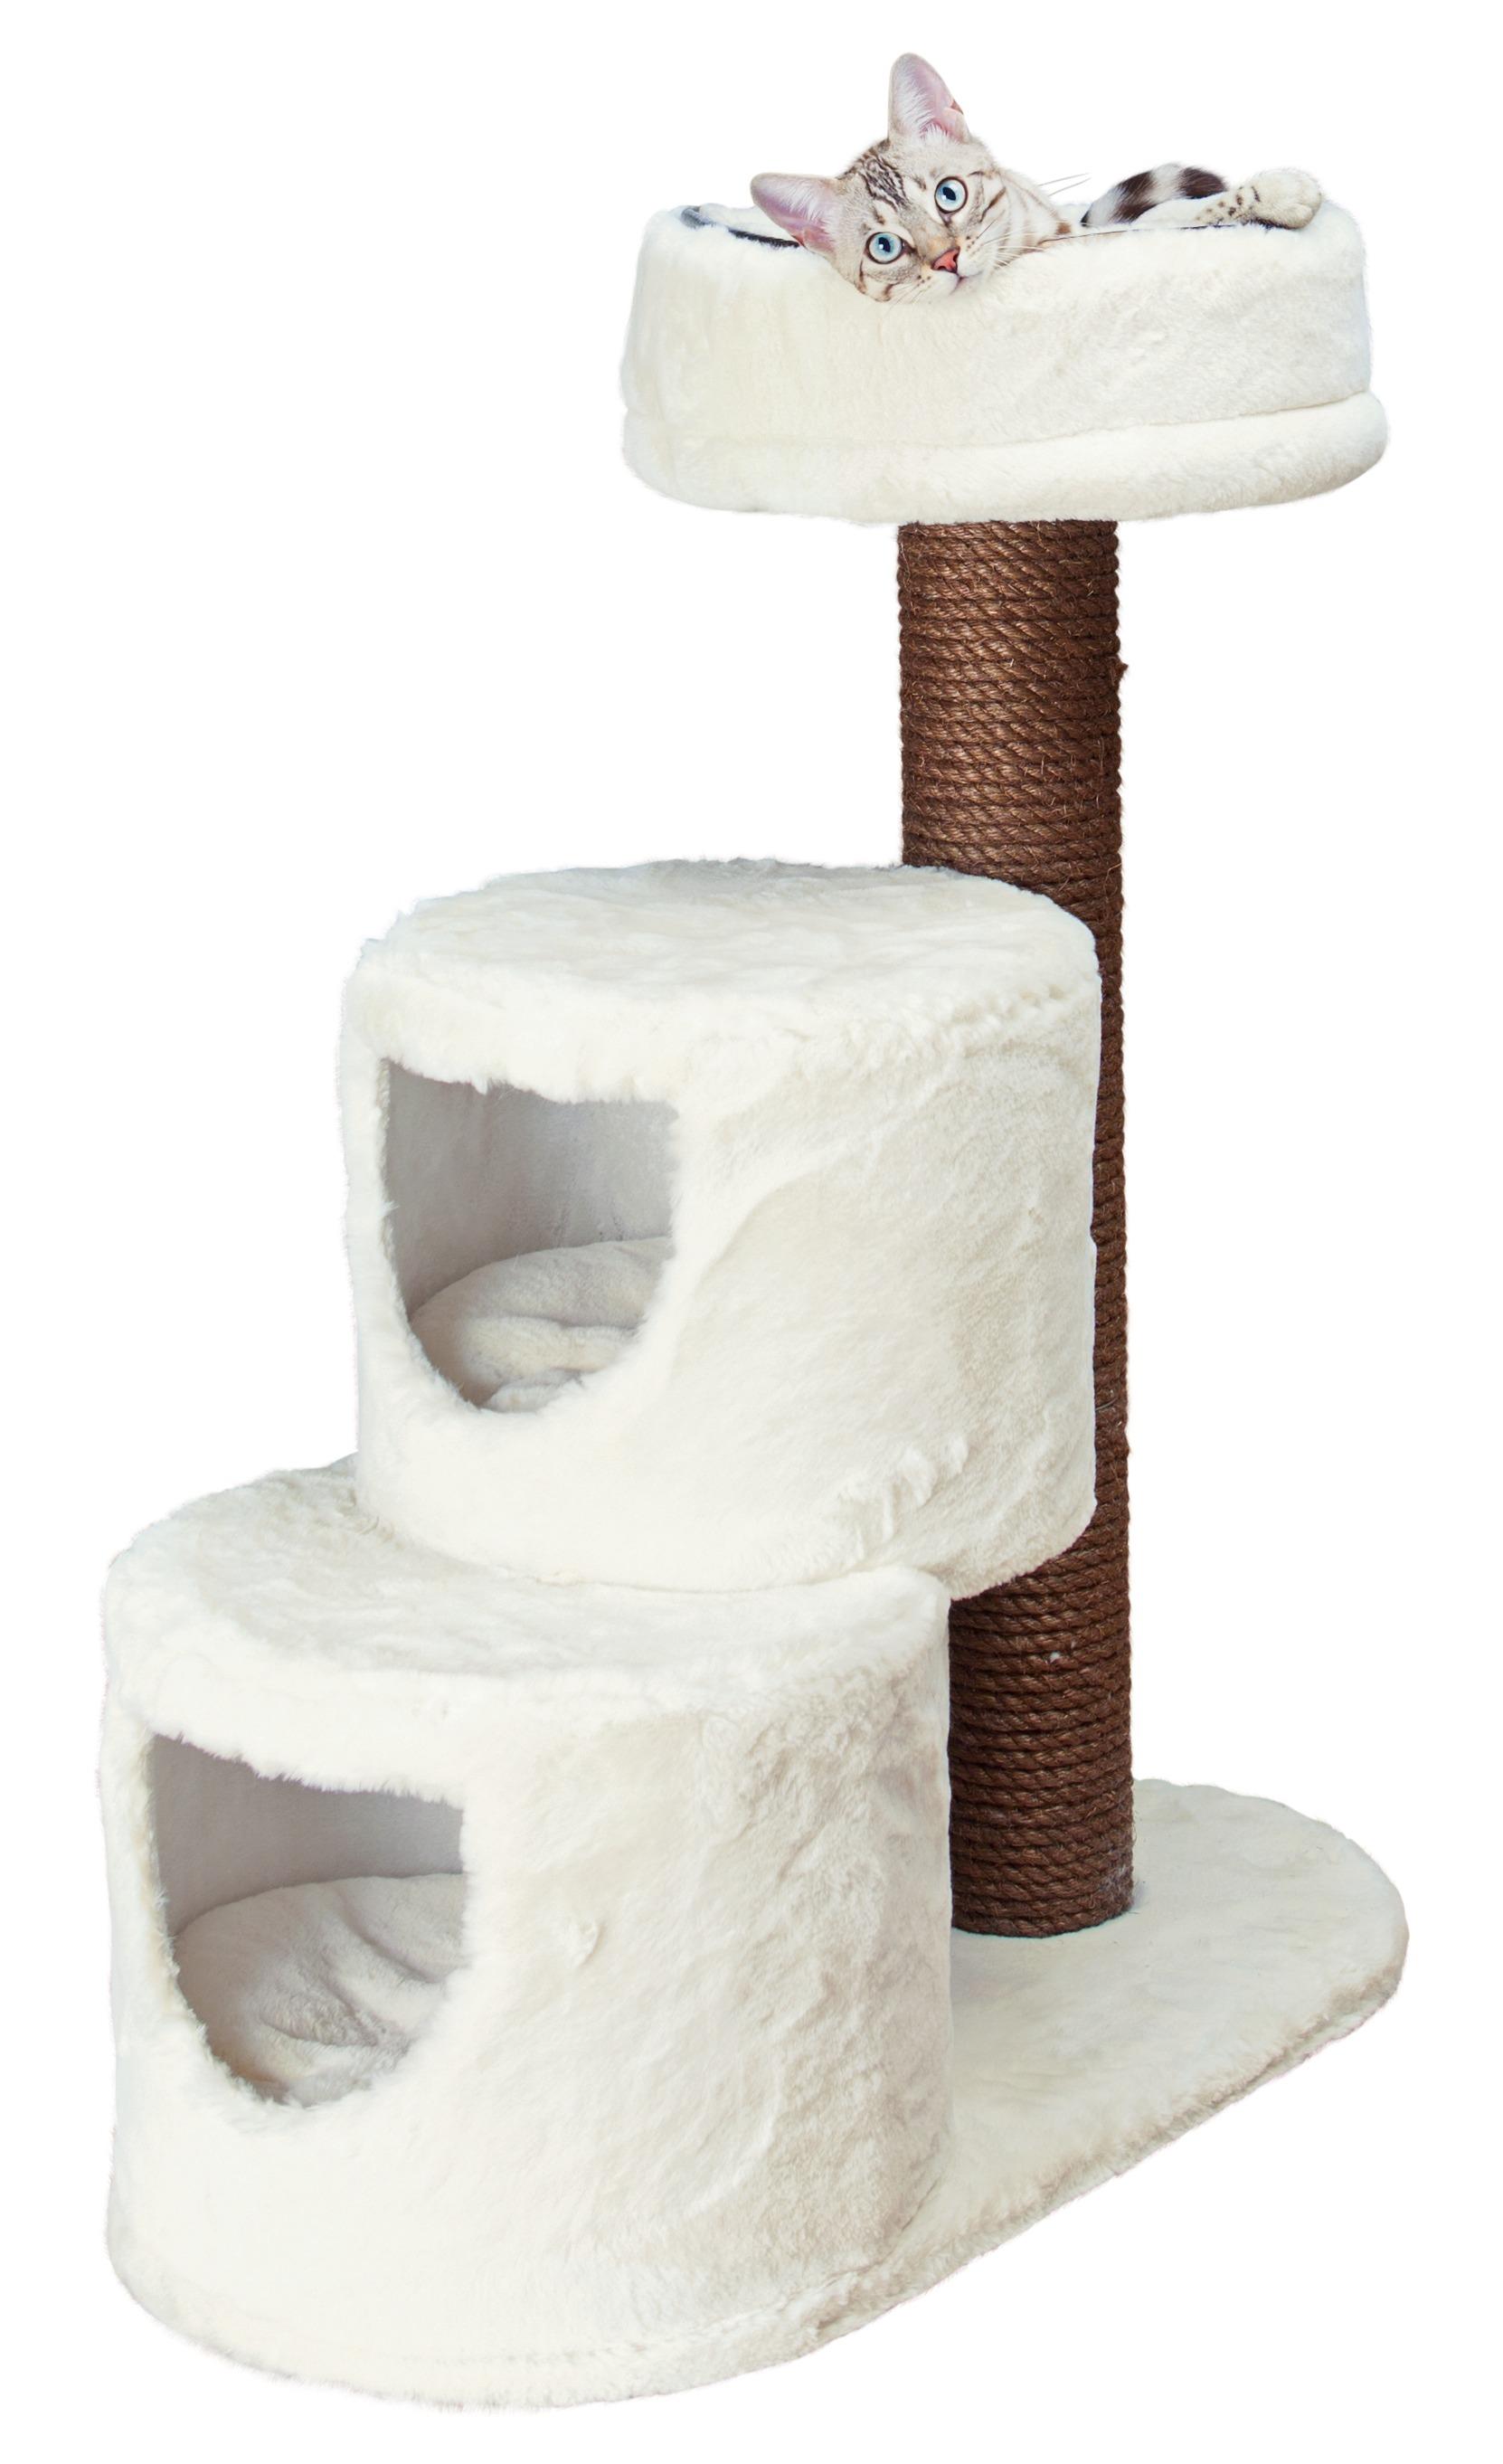 hundeshop kratzb ume m bel seite 2. Black Bedroom Furniture Sets. Home Design Ideas